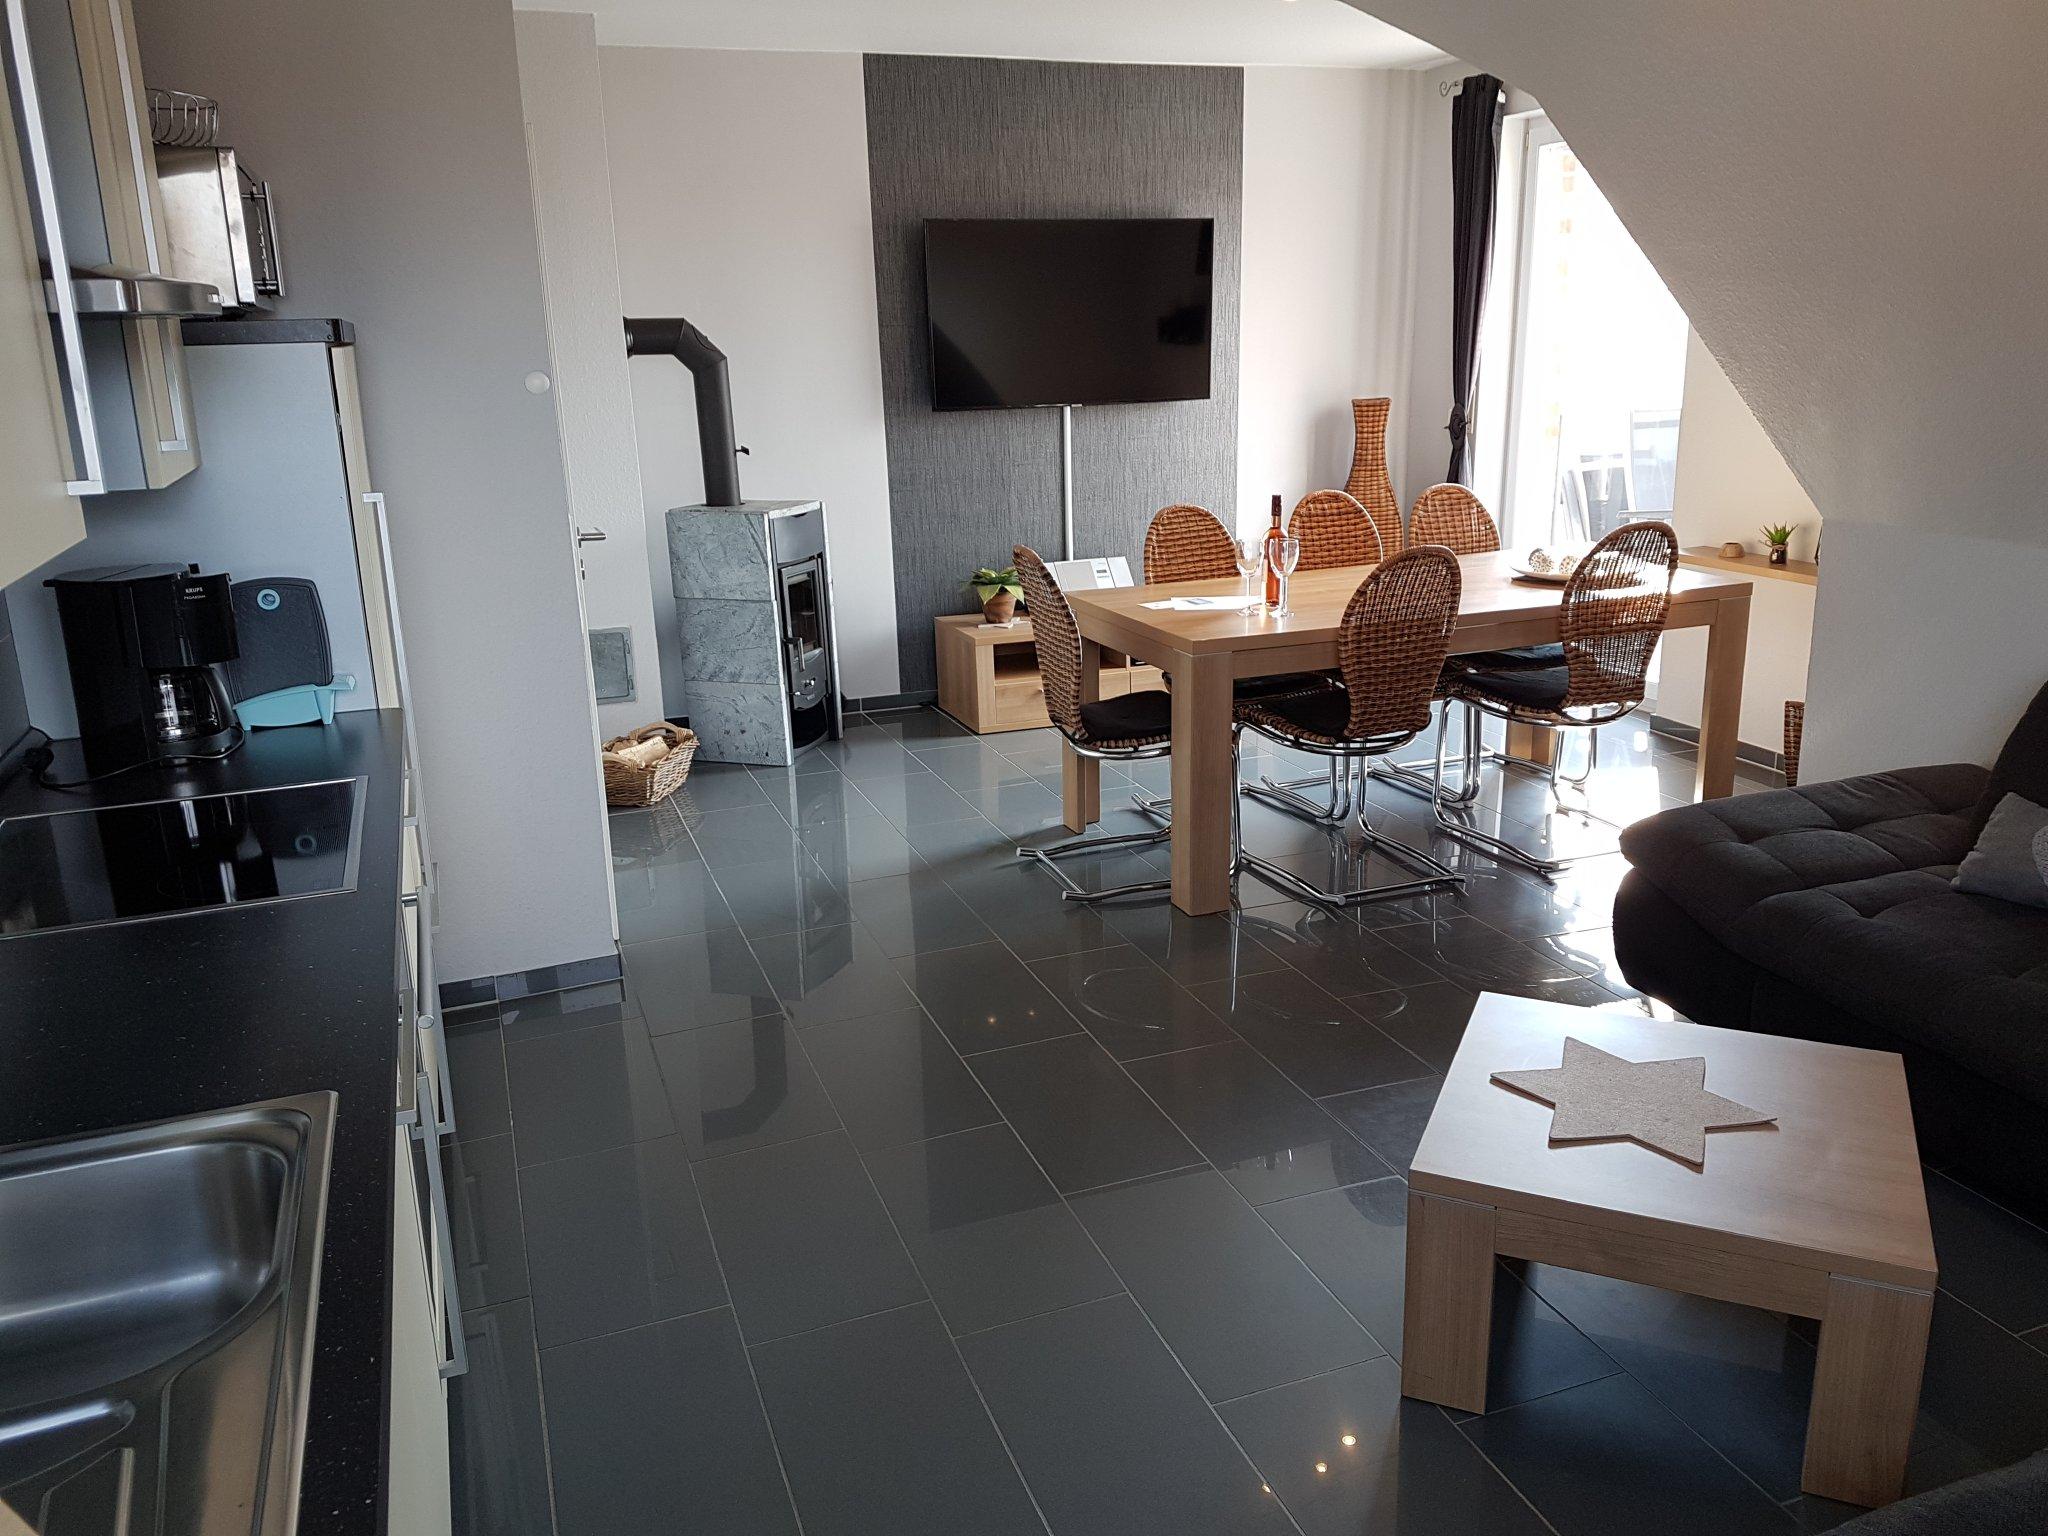 Wohnbereich mit kompletter Küche